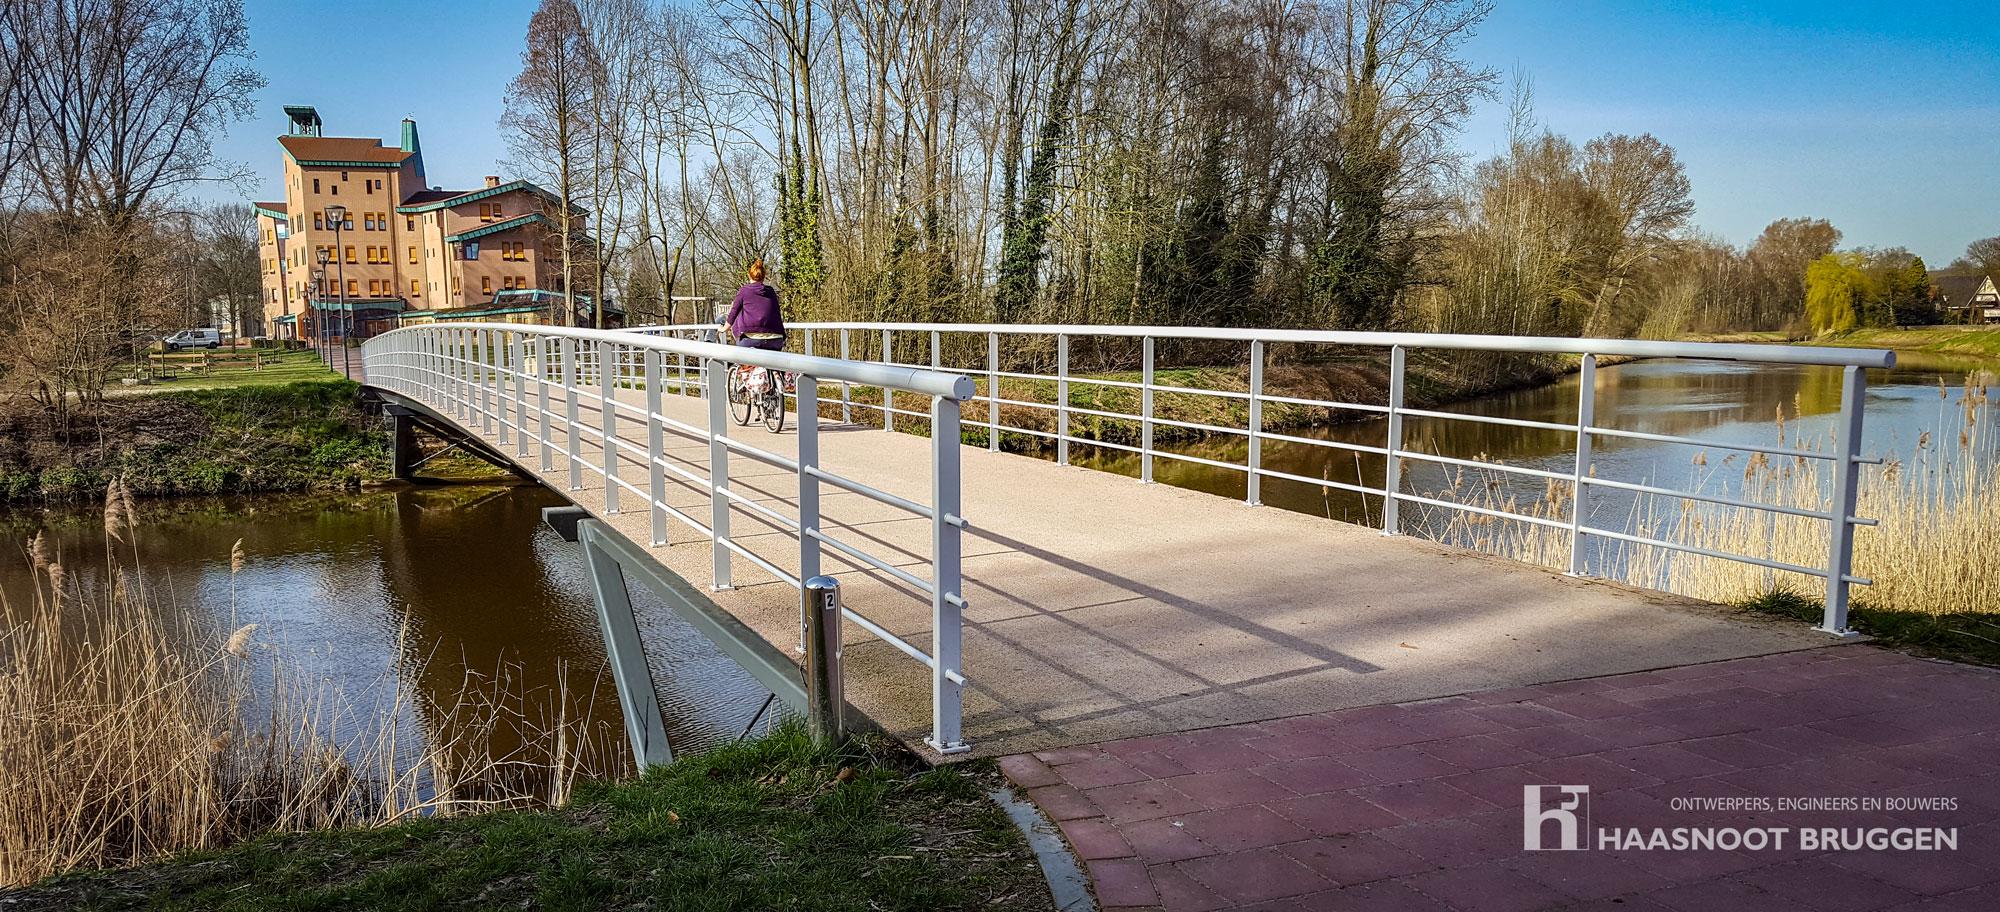 Elegante brug , lang, slank en sterk. Haasnoot Bruggen